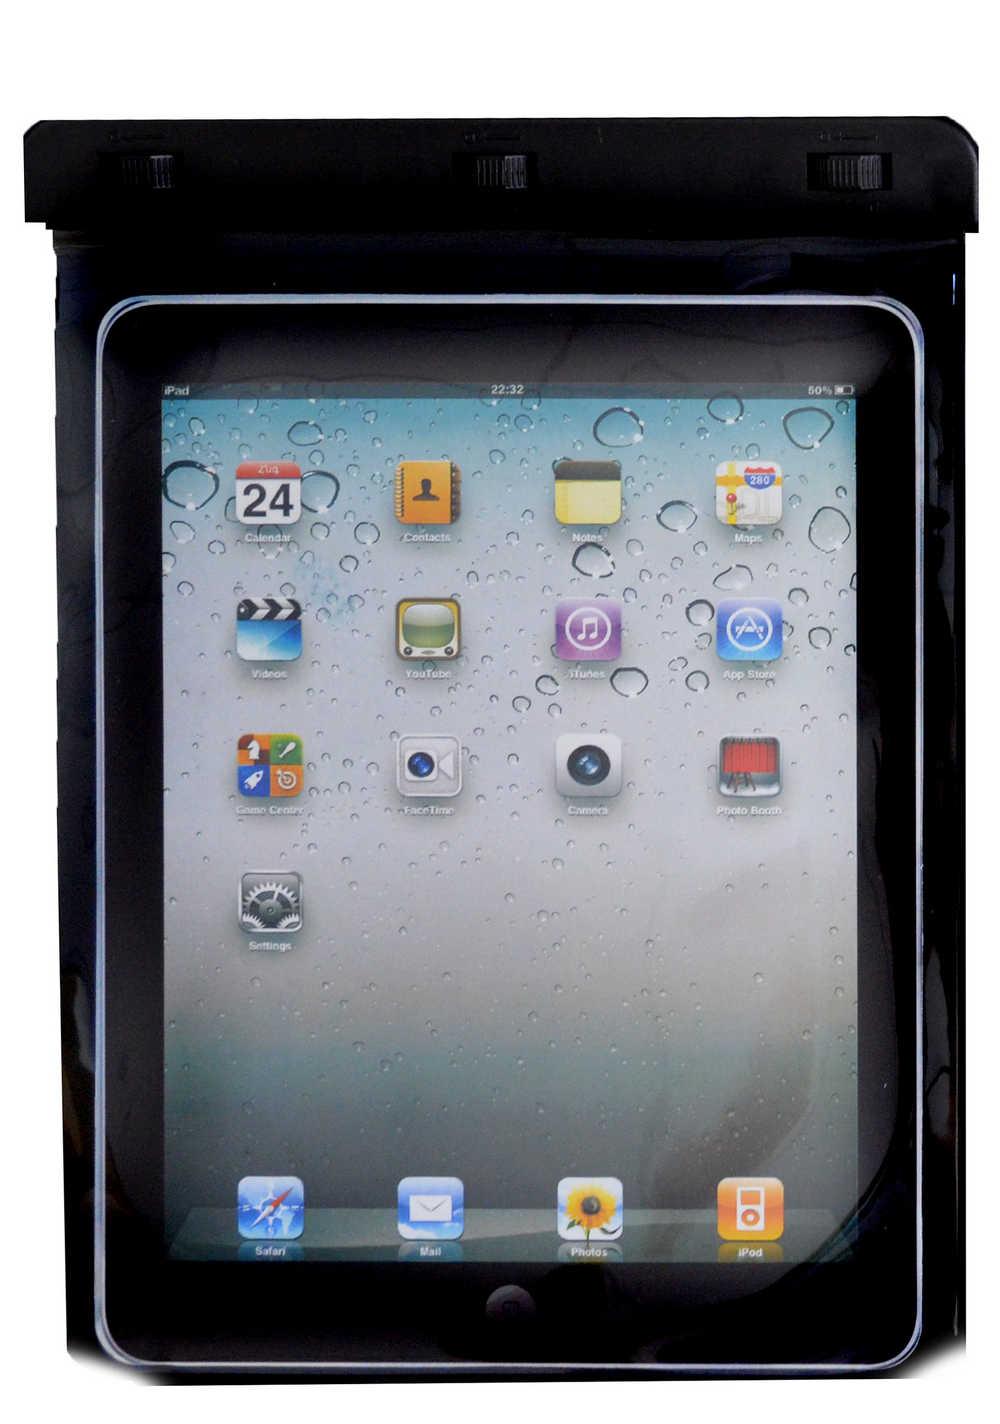 Θήκη Αδιάβροχη Ancus για Apple iPad και Ηλεκτρονικών Συσκευών Μαύρη (29 cm x 21 cm)